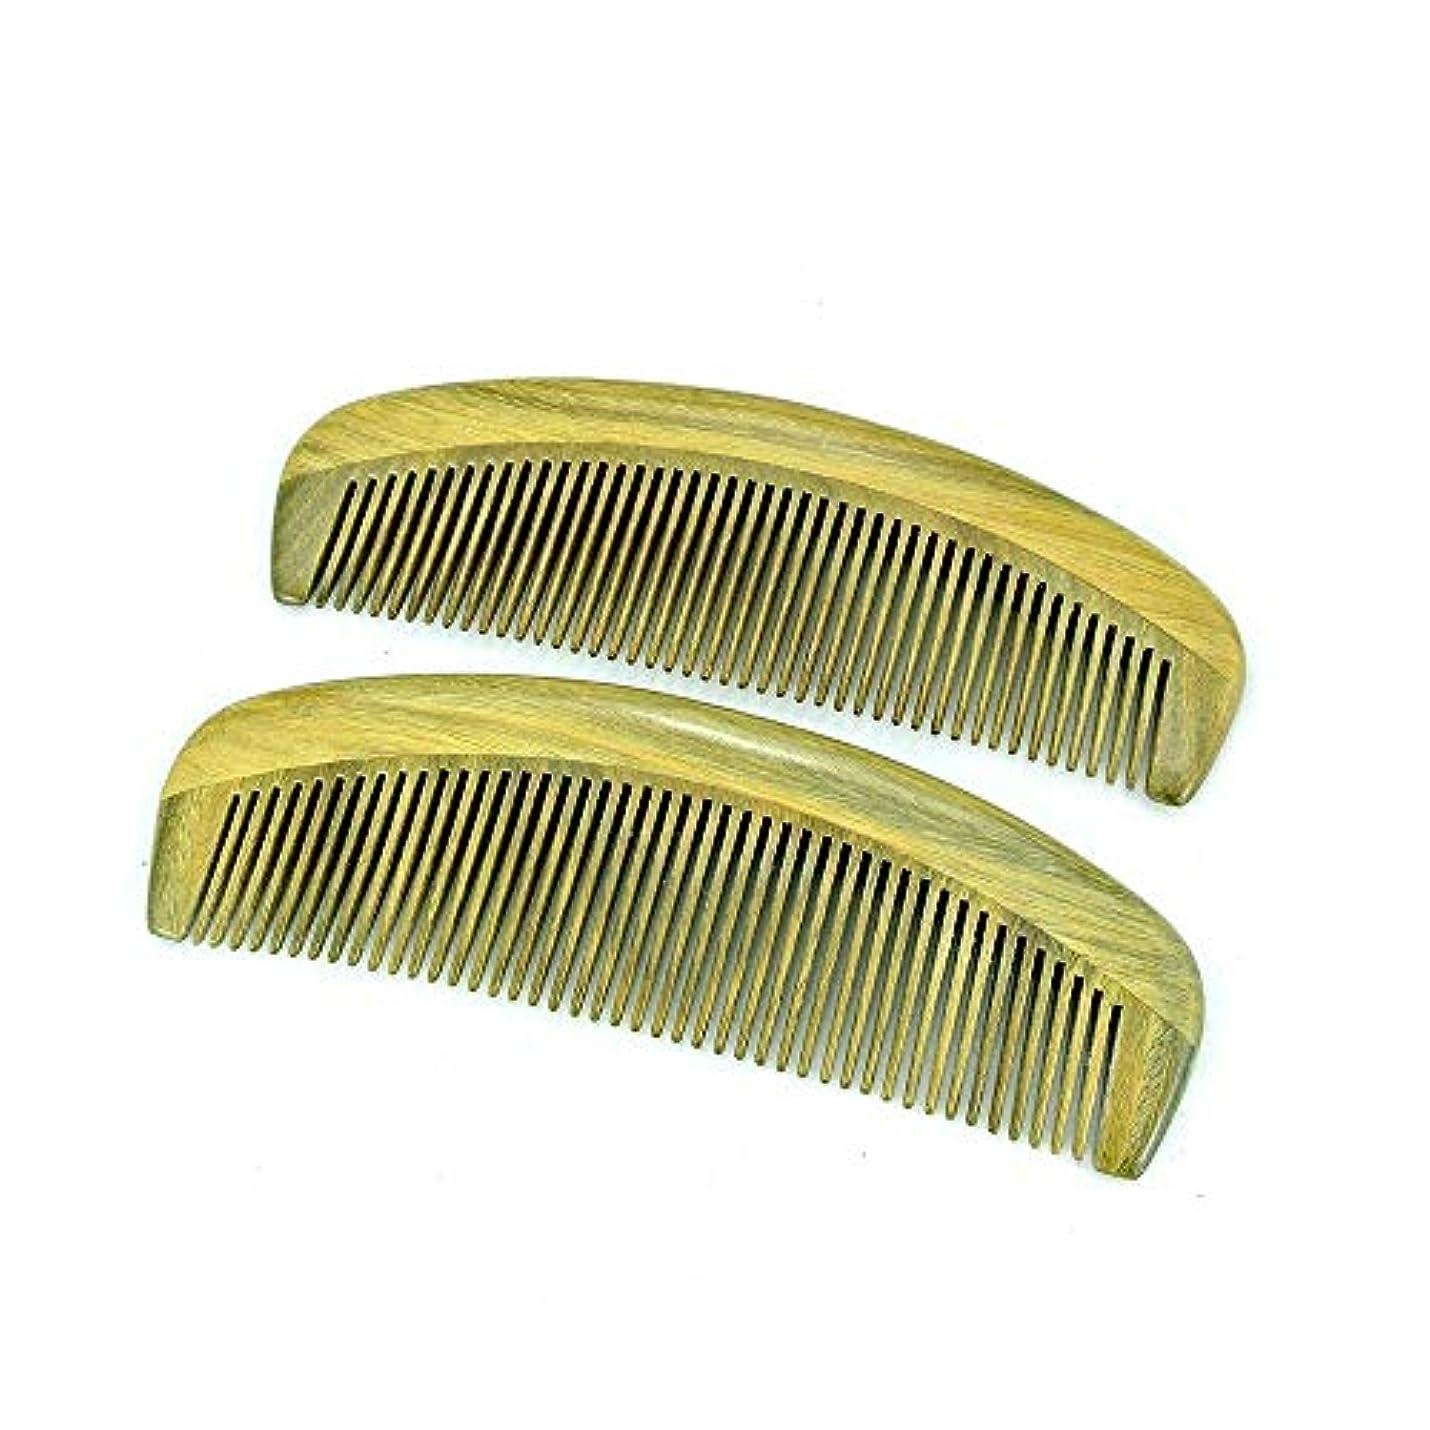 雑多なで異なるFashian手作りのサンダルくしない静的ナチュラルグリーンサンダルウッド櫛ハーフムーンの形ワイド歯櫛 ヘアケア